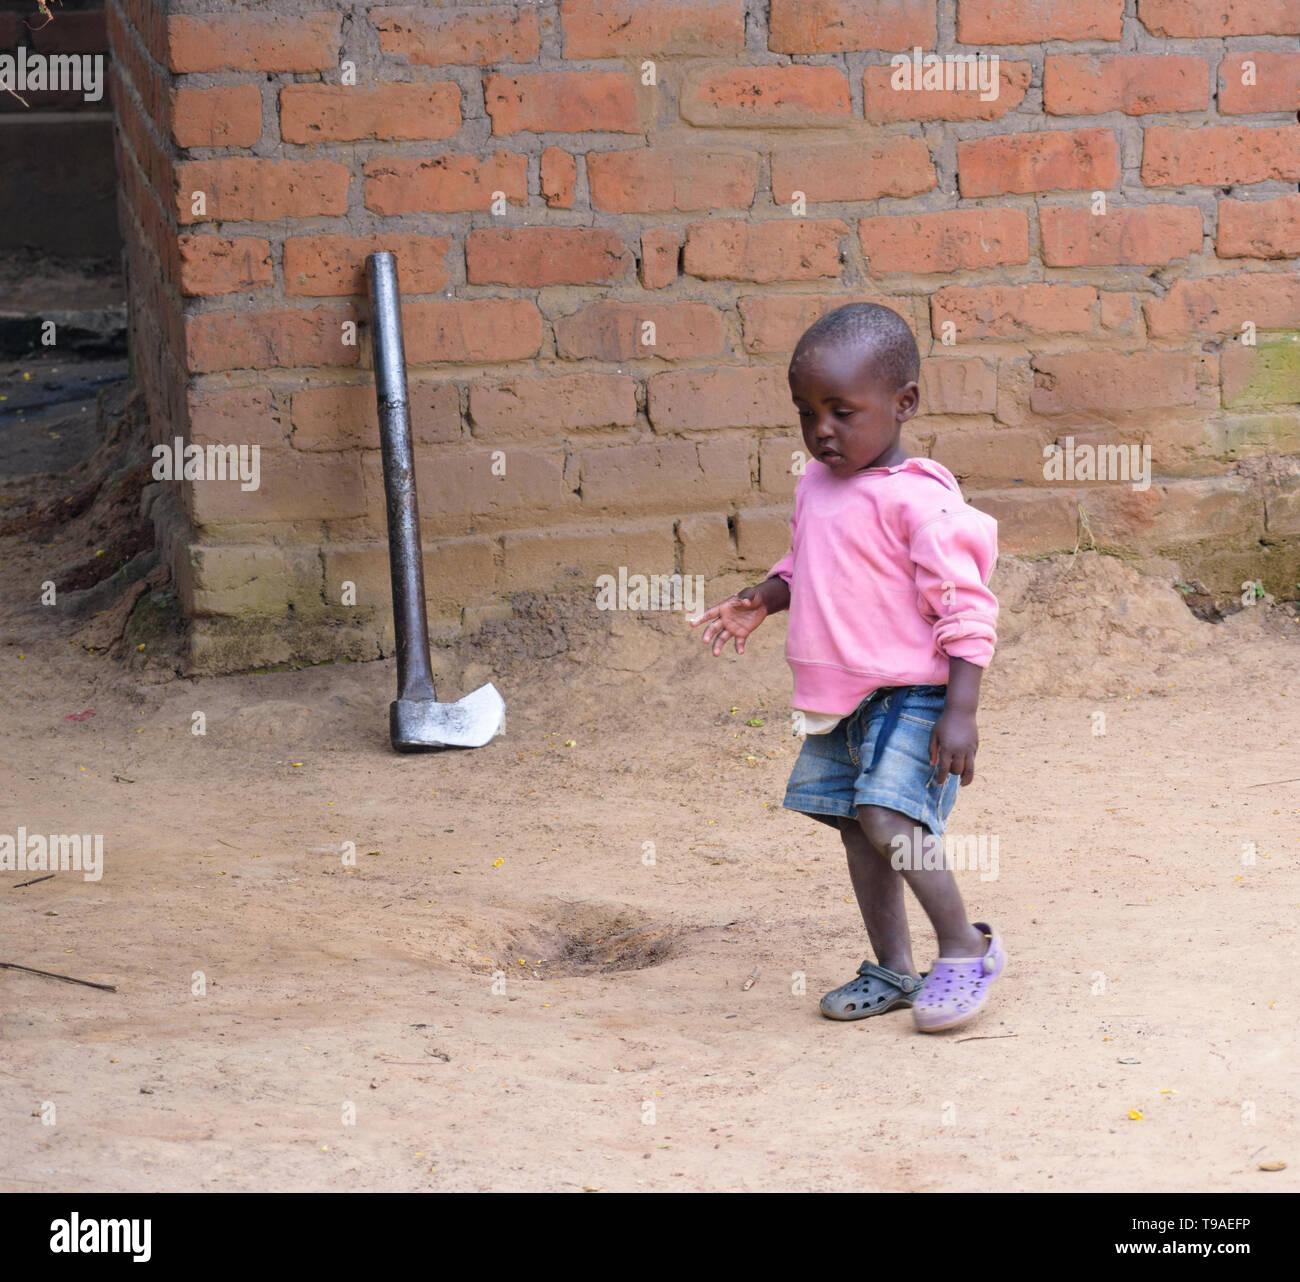 Sub Ethnic Stock Photos & Sub Ethnic Stock Images - Alamy